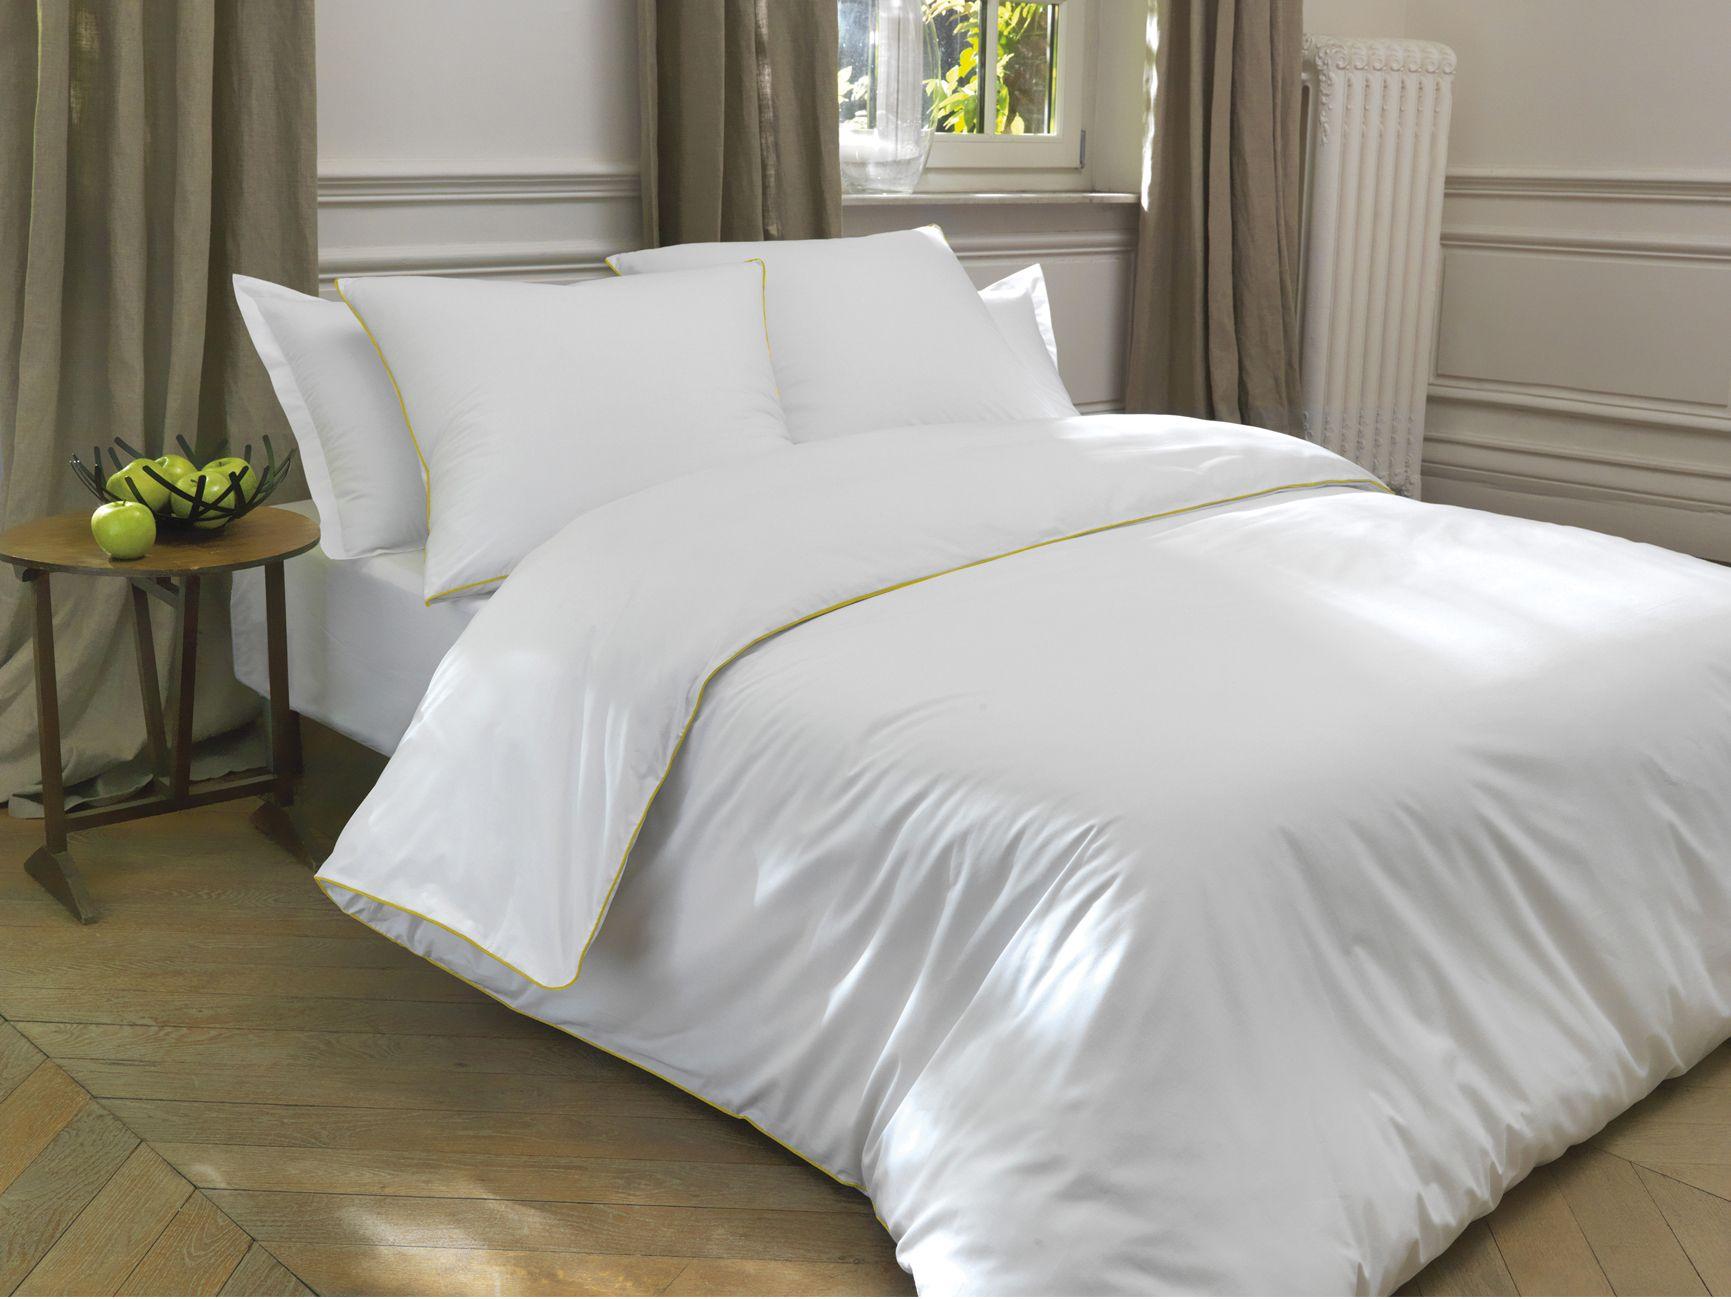 drap percale coton finest avis drap plat drap percale frou frou beige x cm with drap percale. Black Bedroom Furniture Sets. Home Design Ideas